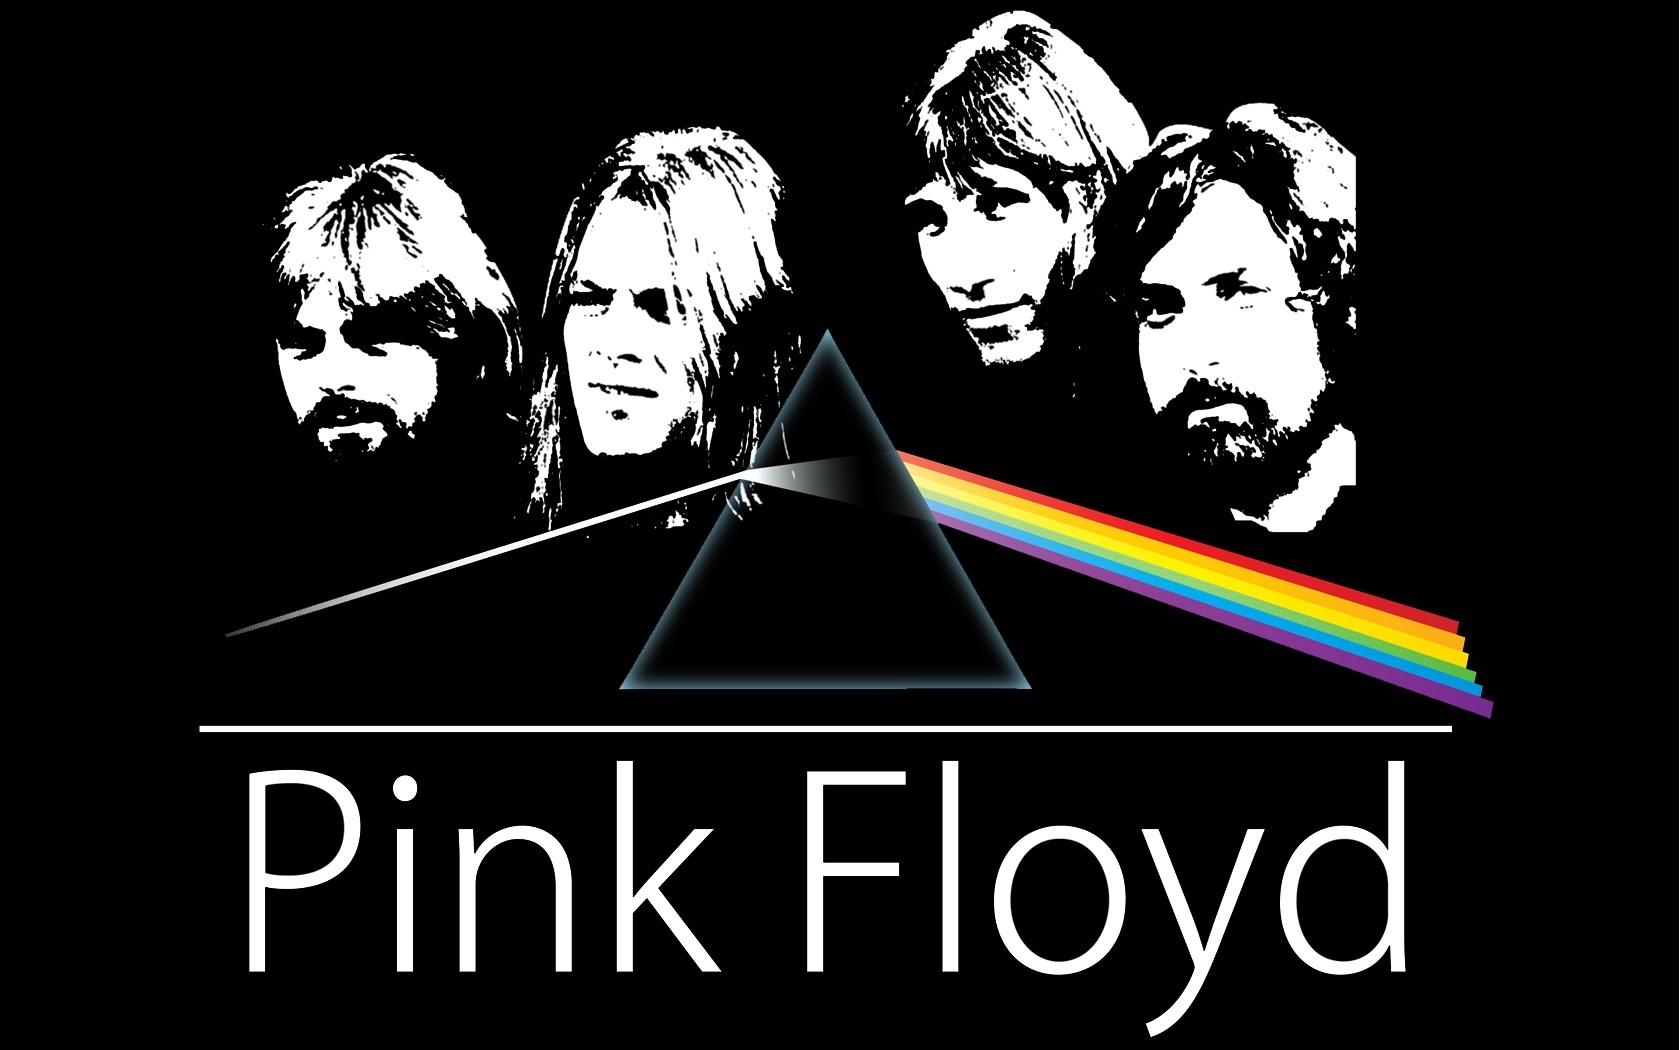 「pink floyd」の画像検索結果